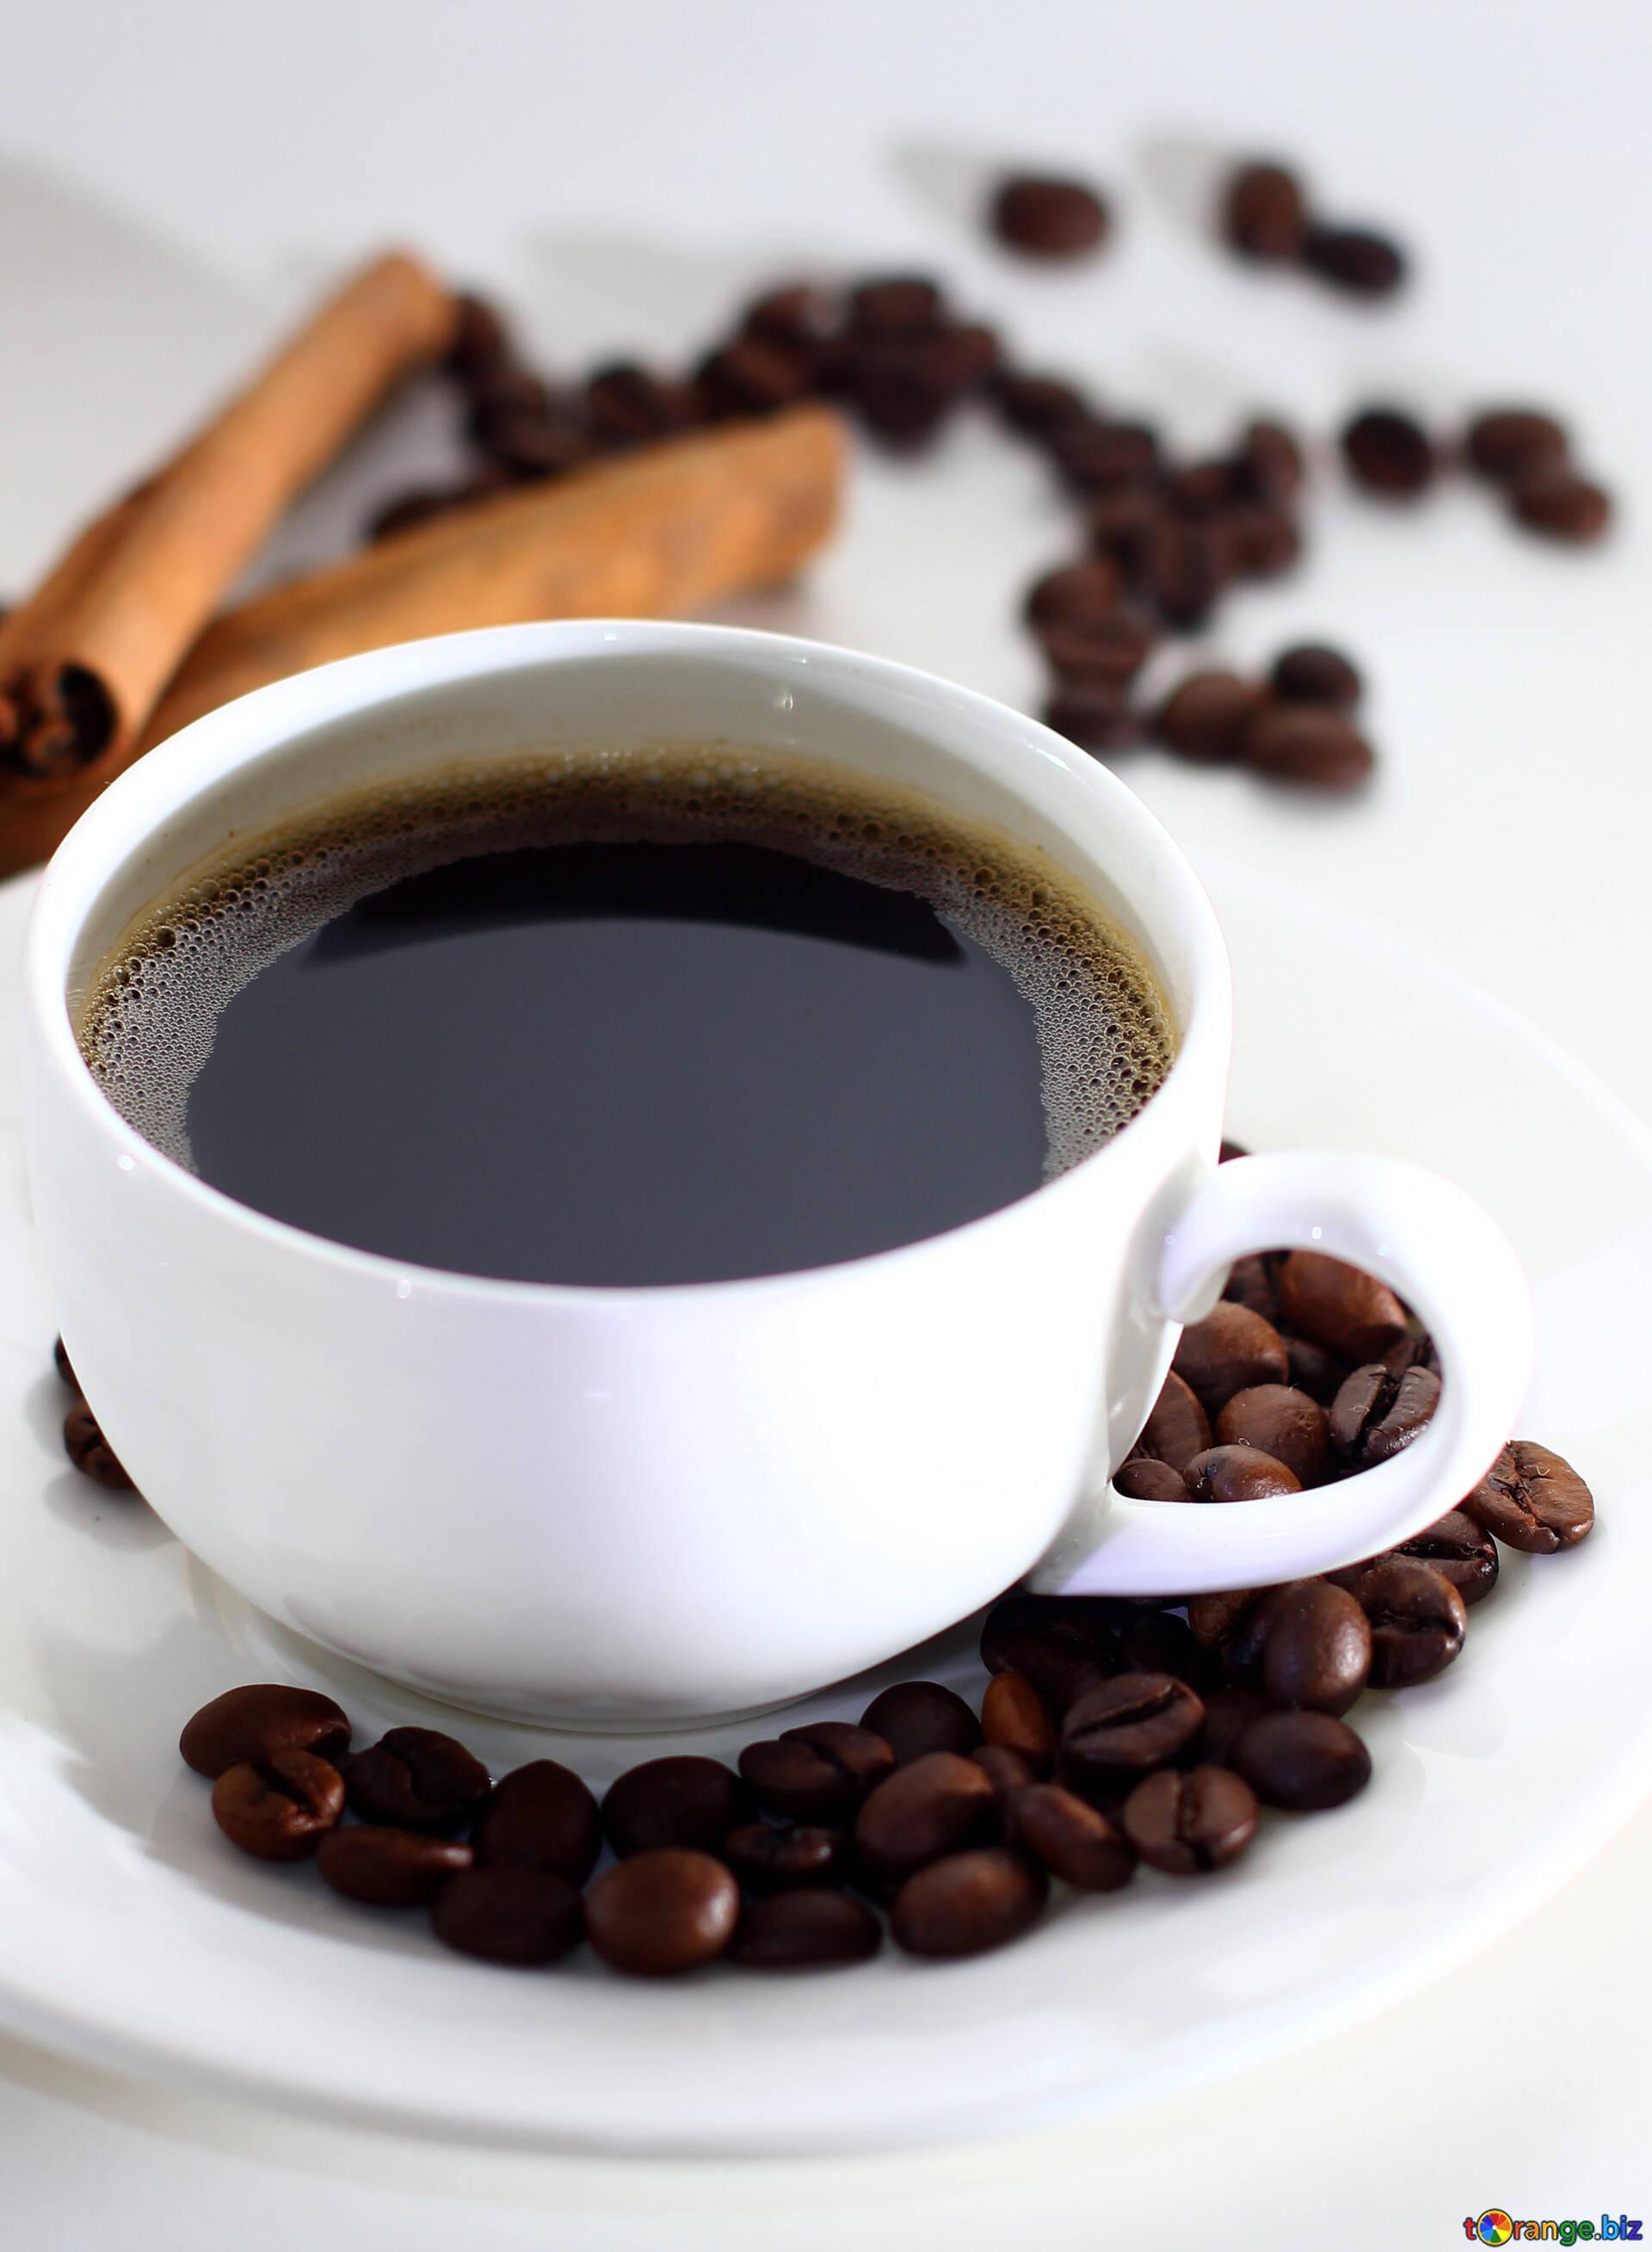 халвы наилучшее фото о кофе под звук